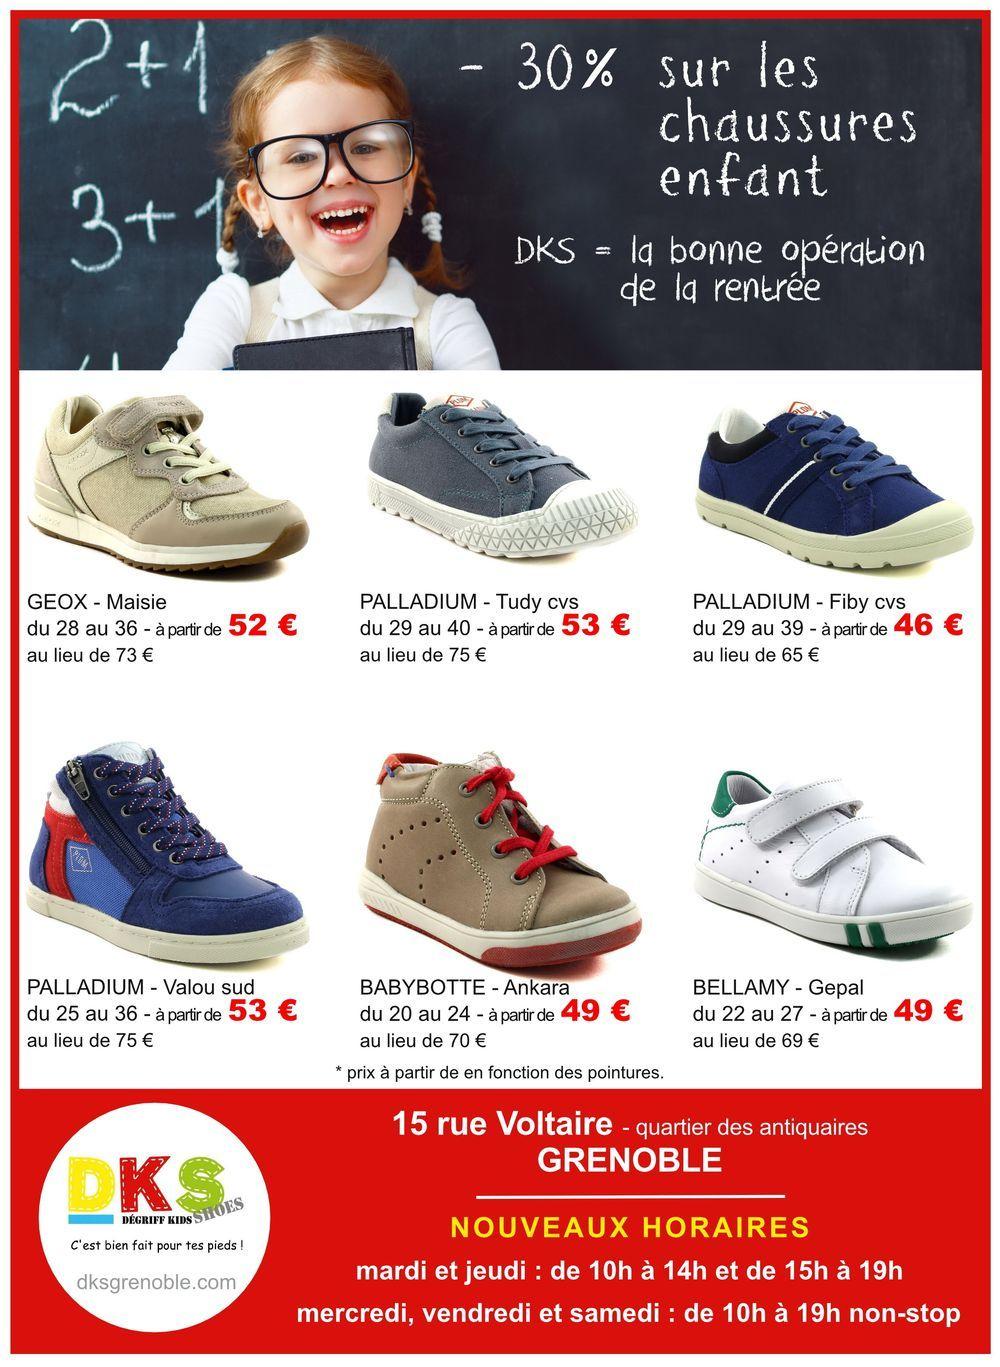 DKS Dégriff Kids Shoes   Chaussure, Chaussures bébé et